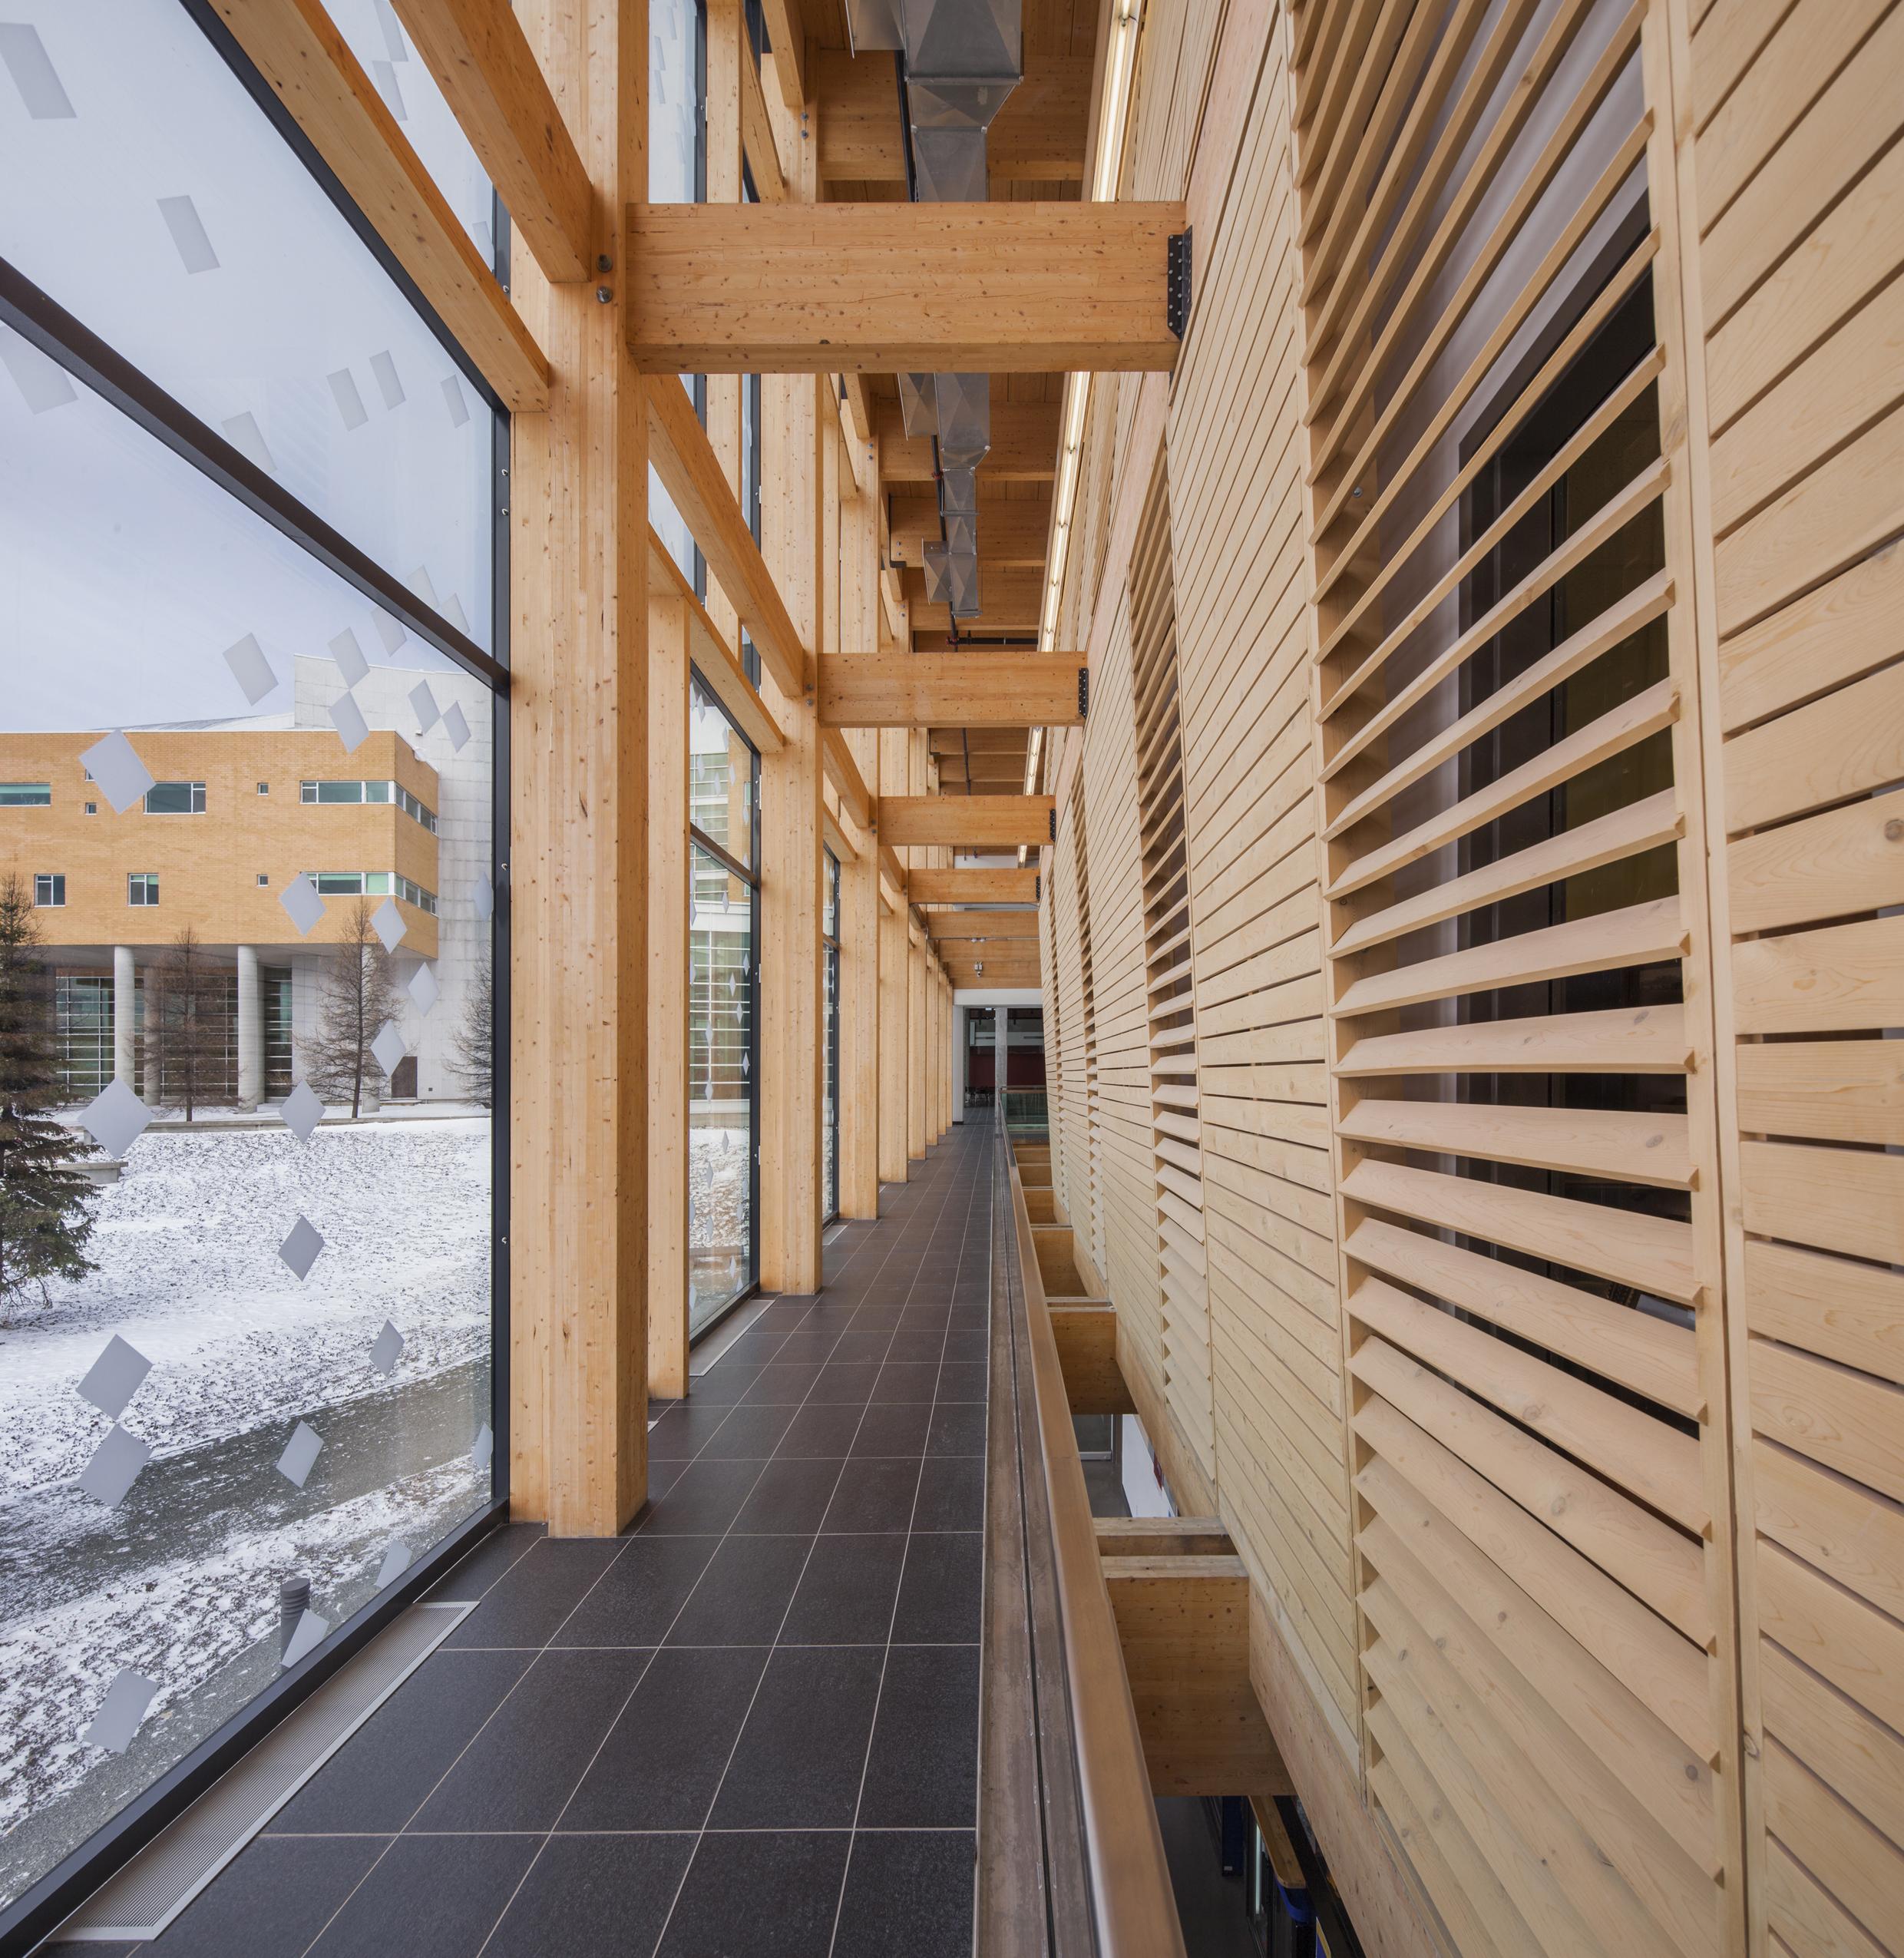 Agrandissement du campus de Rouyn-Noranda de l'UQAT Cecobois 3